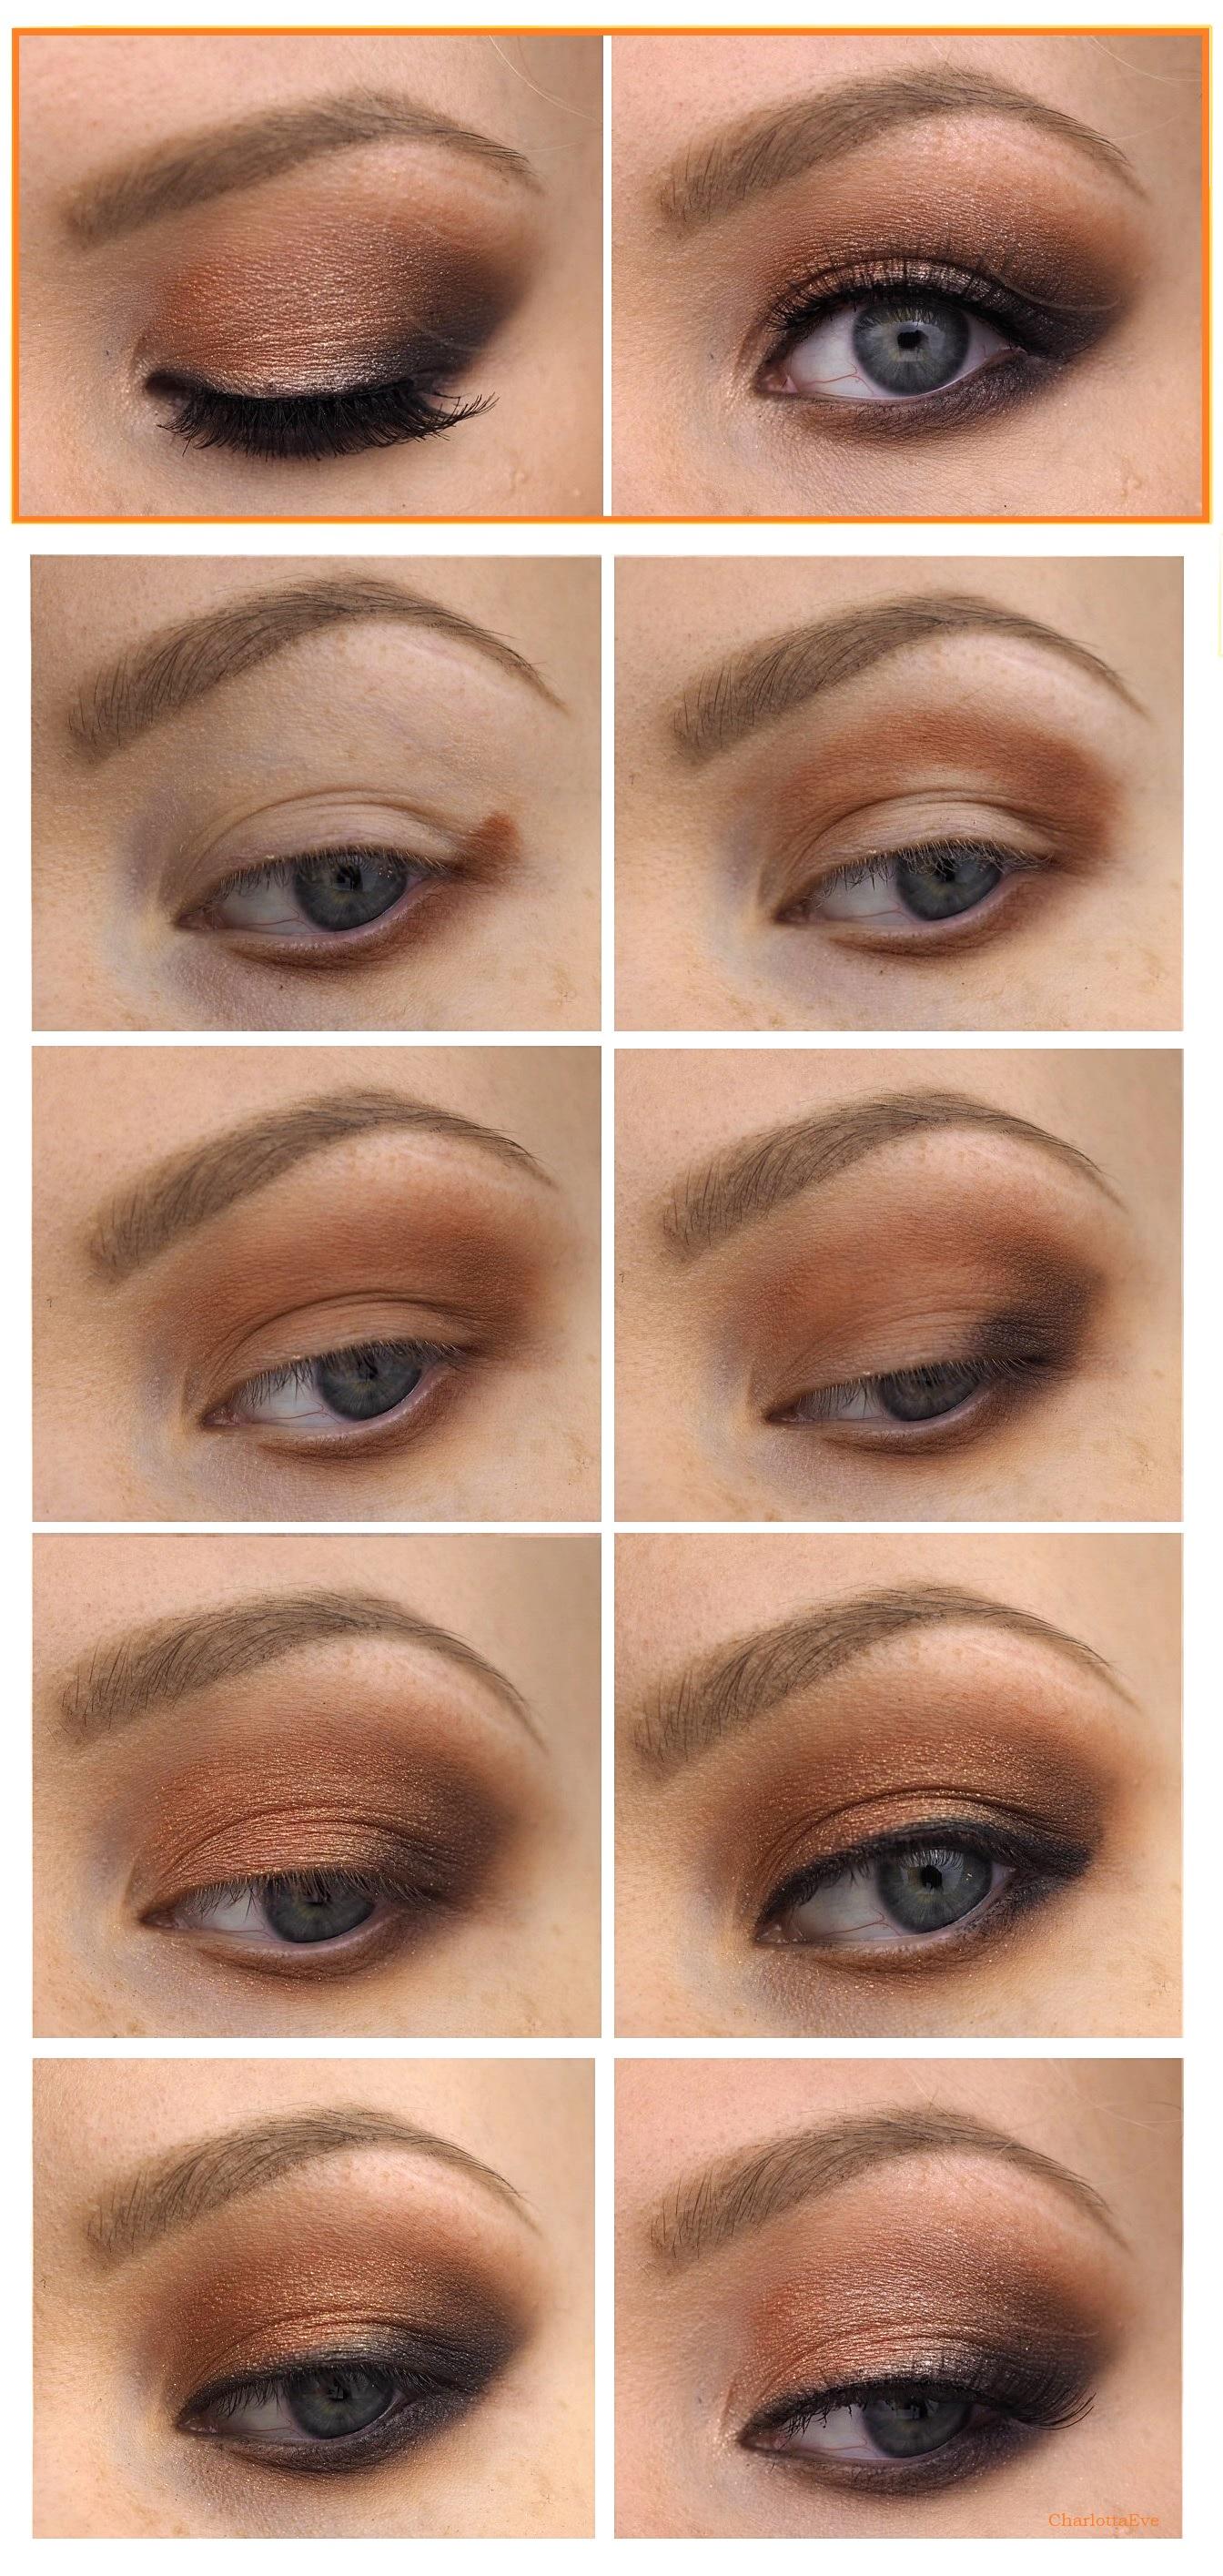 Fall Makeup Tutorial Using Vice 4 Burnt Orange Smokey Eye